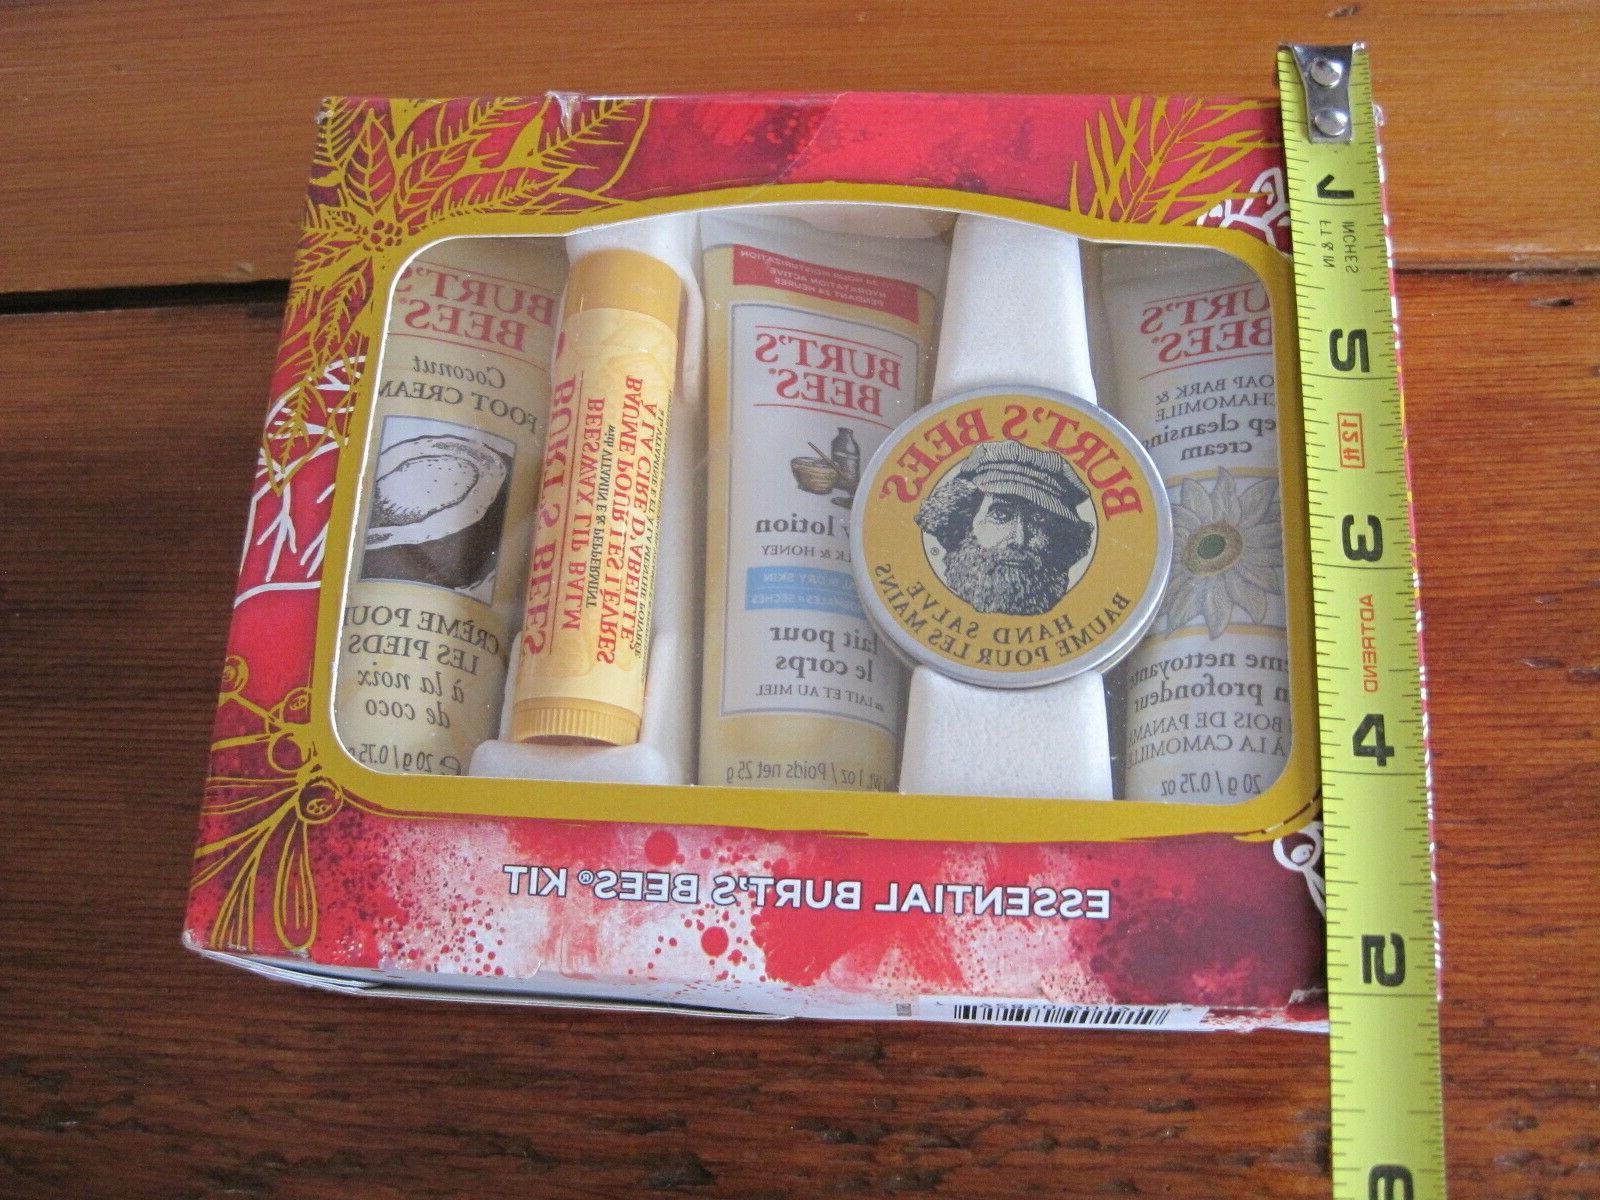 Burt's Set Essentials Gifts Lip Balm Size